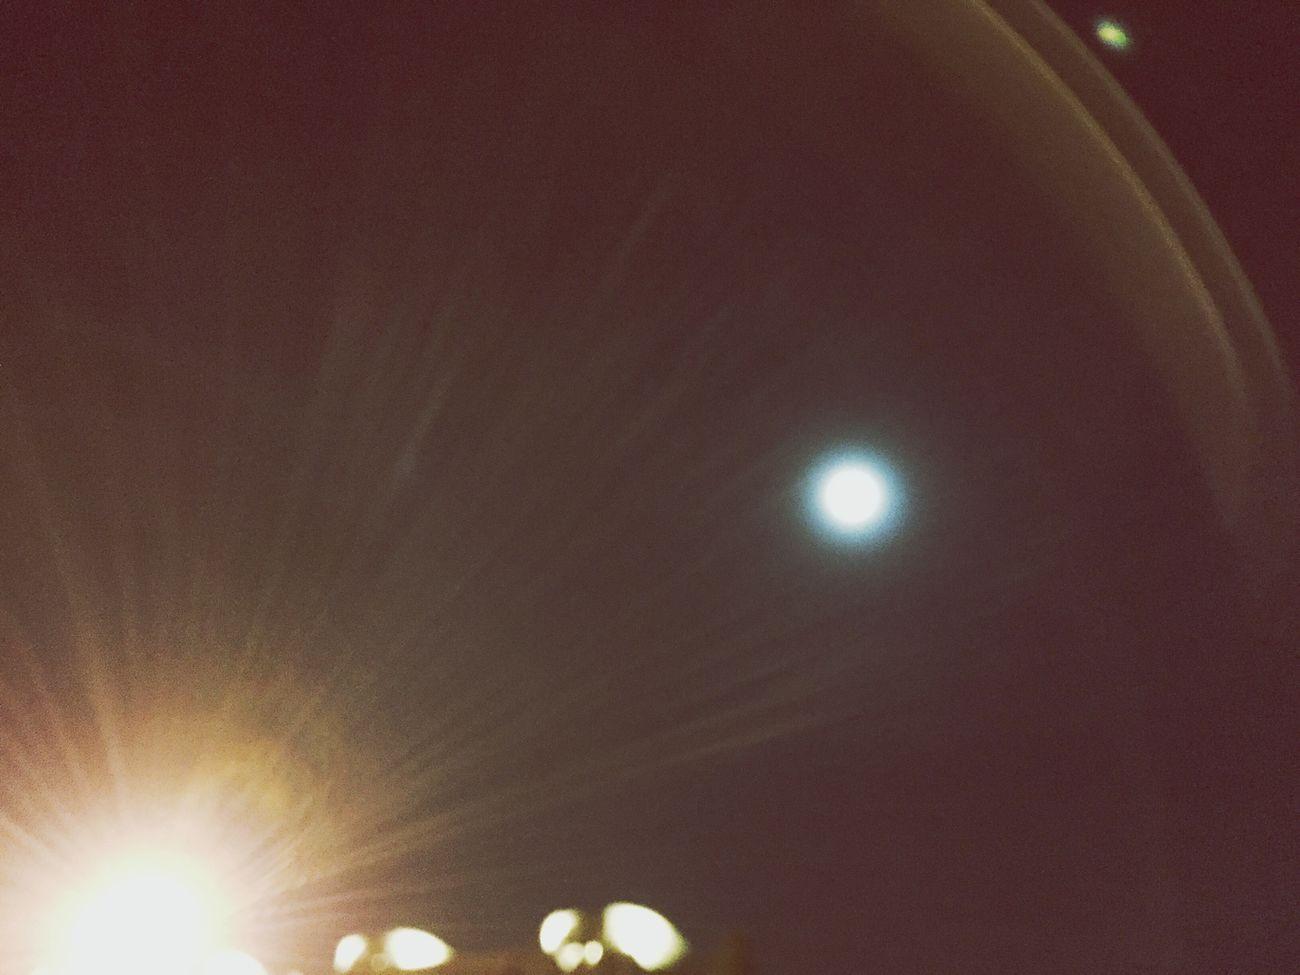 期待擁有ㄧ顆透明的心靈和會流淚的眼睛。給我再去相信的勇氣越過謊言去擁抱你。 Moon Moonfestival Happymoonfestival Mooncake Hungry